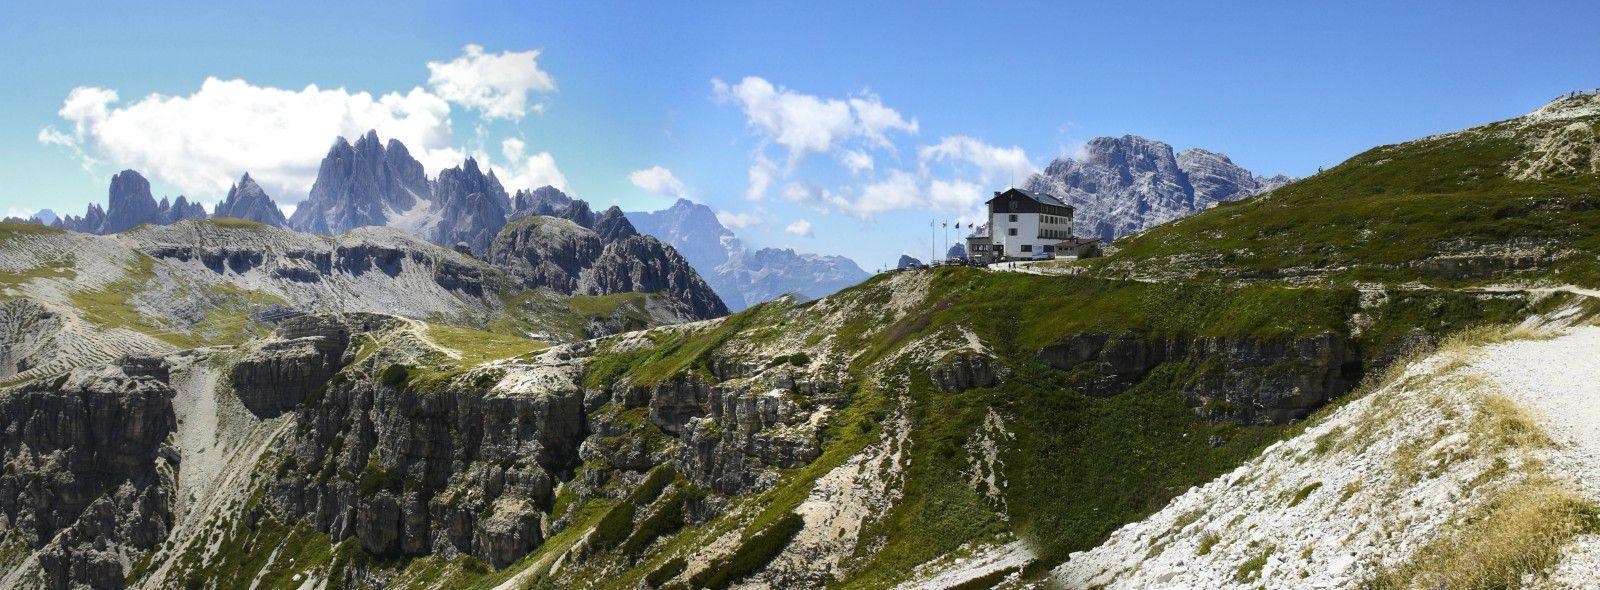 Elenco dei migliori rifugi nelle Dolomiti